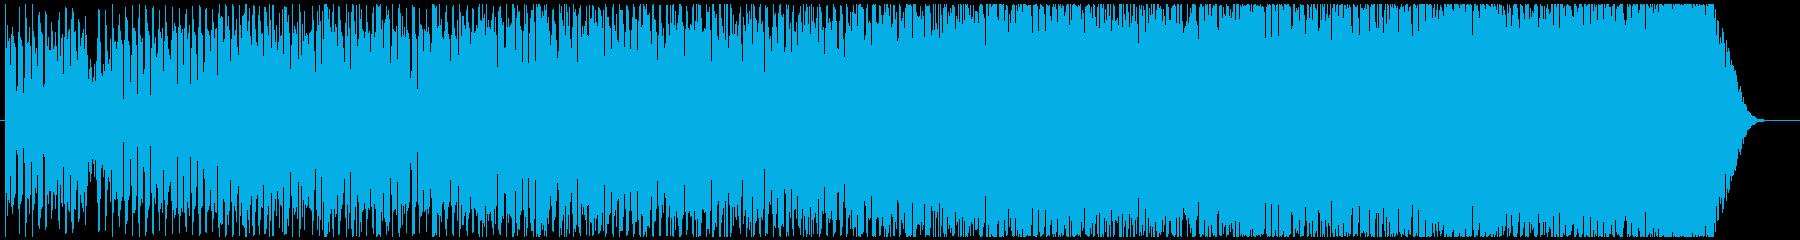 現代的 交響曲 テクノ ハードコア...の再生済みの波形